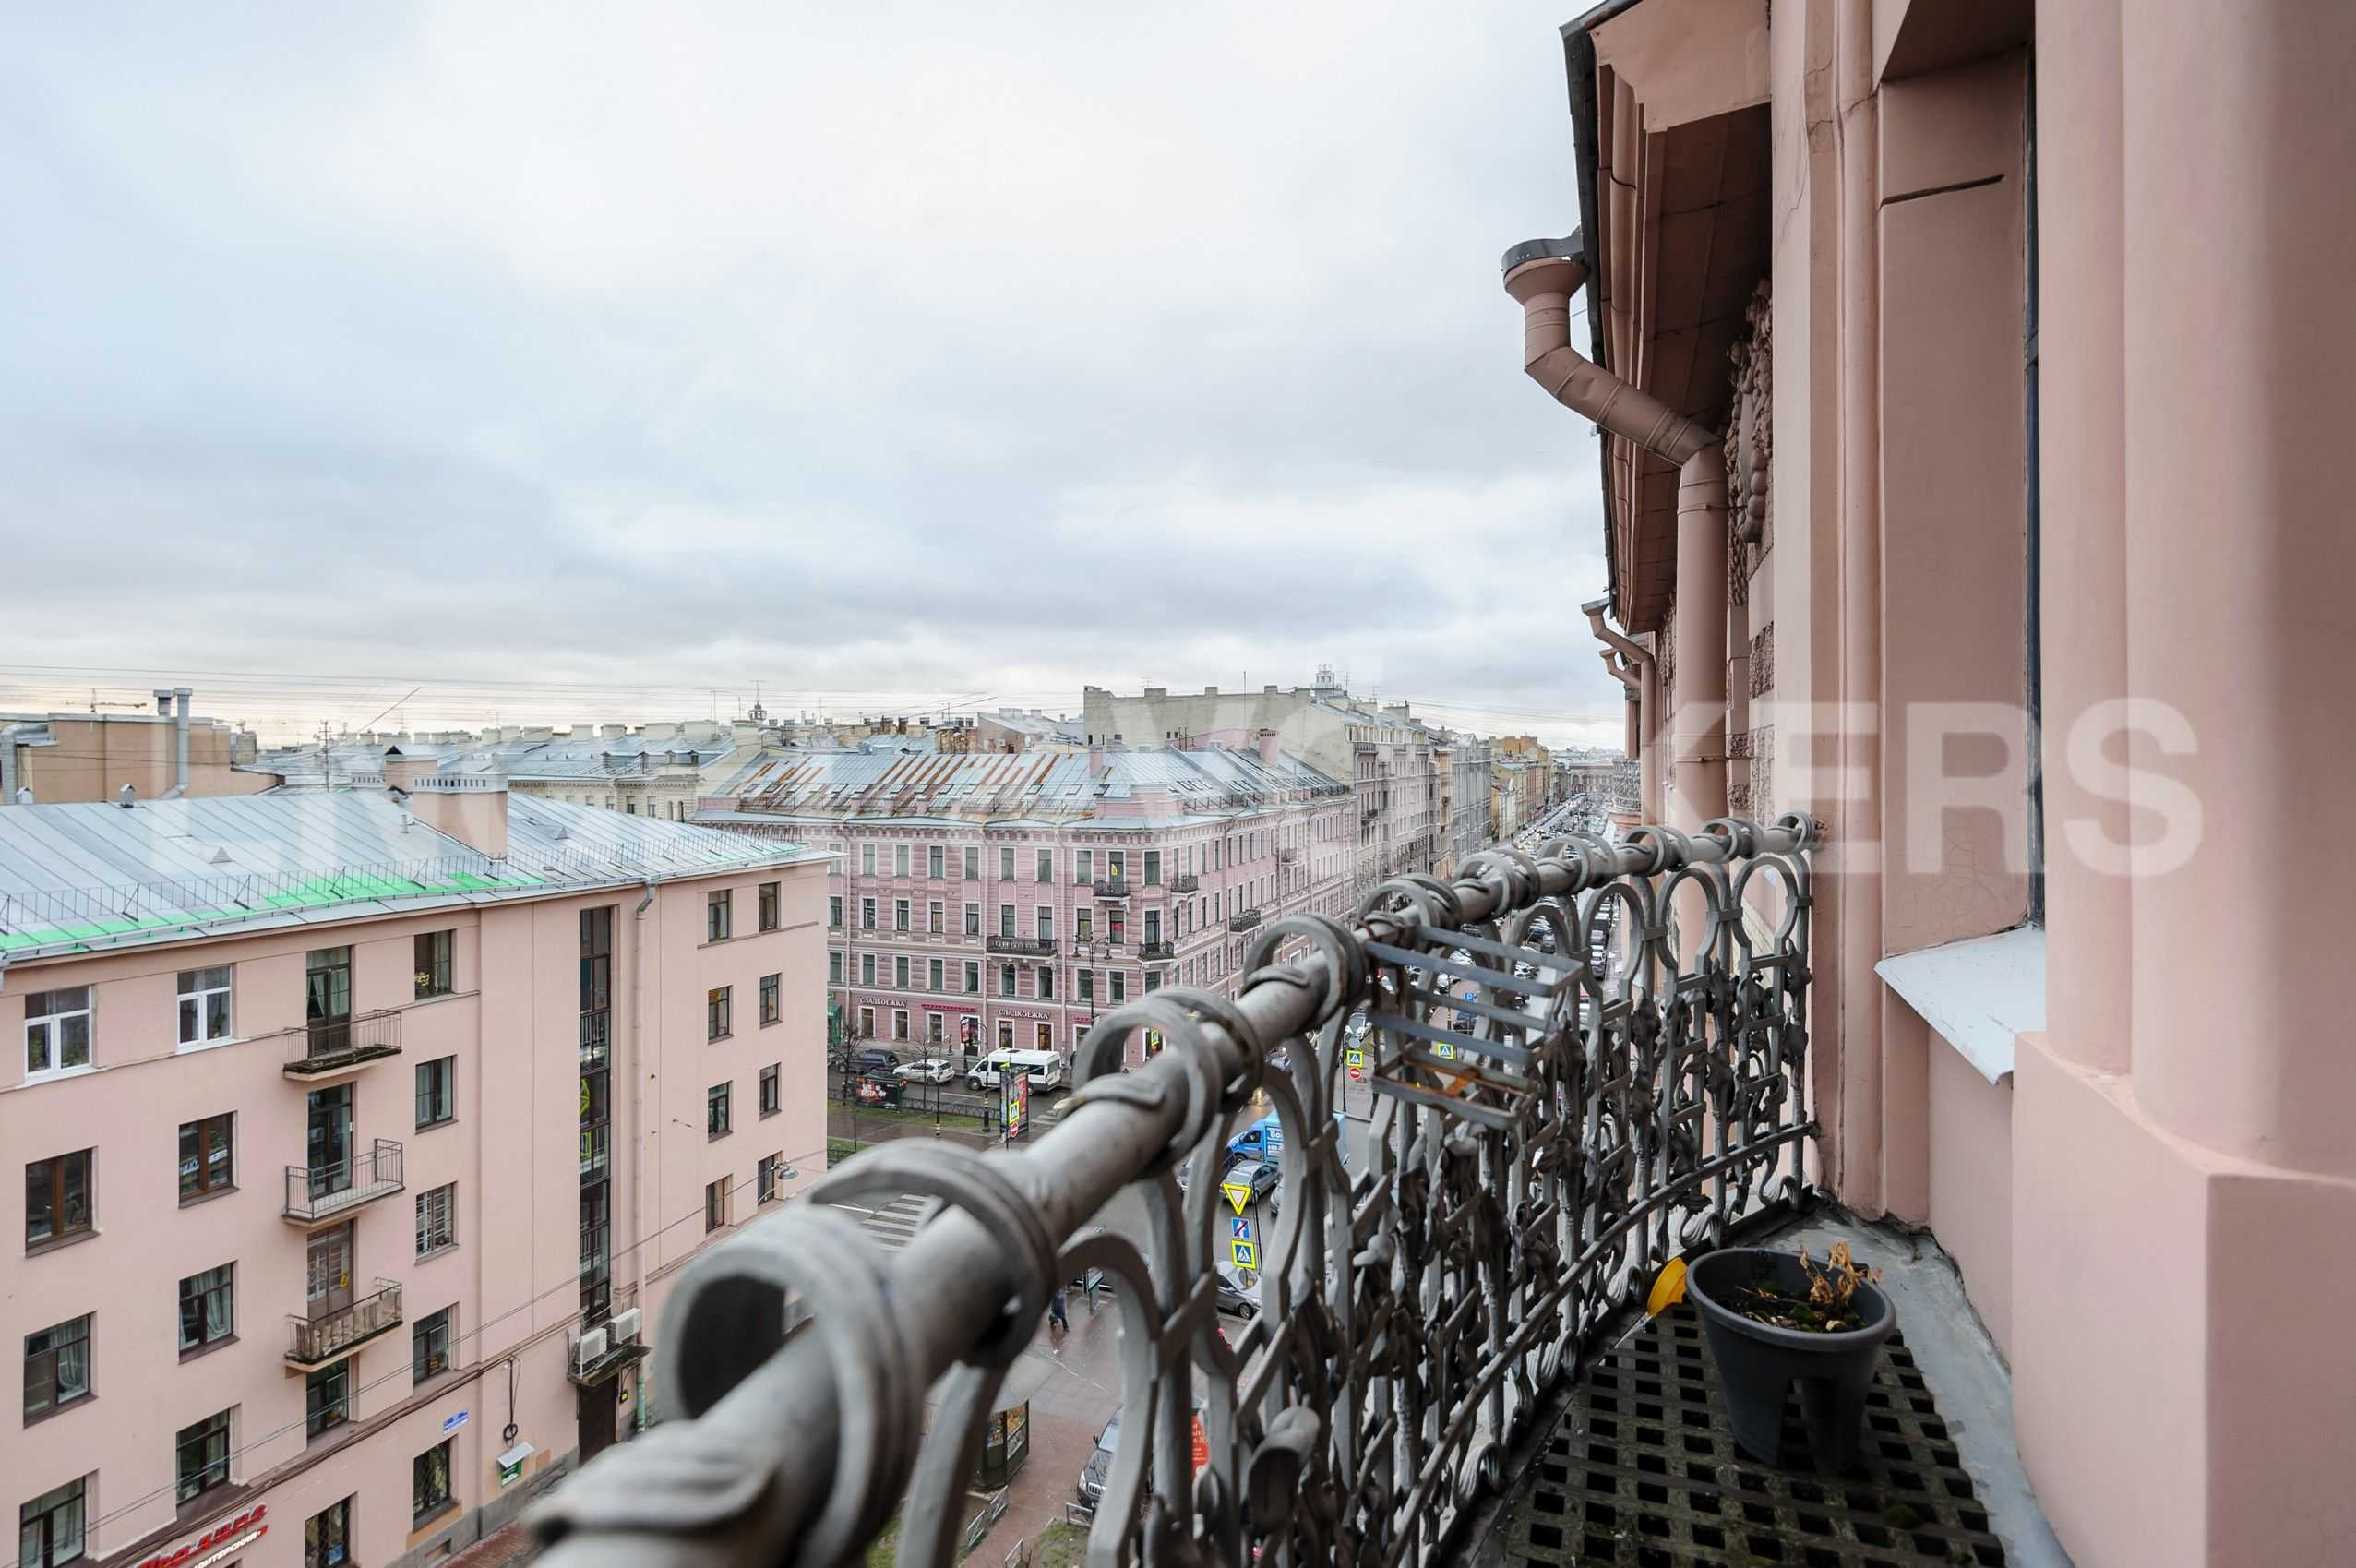 Элитные квартиры в Центральный р-н. Санкт-Петербург, Захарьевская, 16. Вид с балкона в сторону исторического центра Петербурга